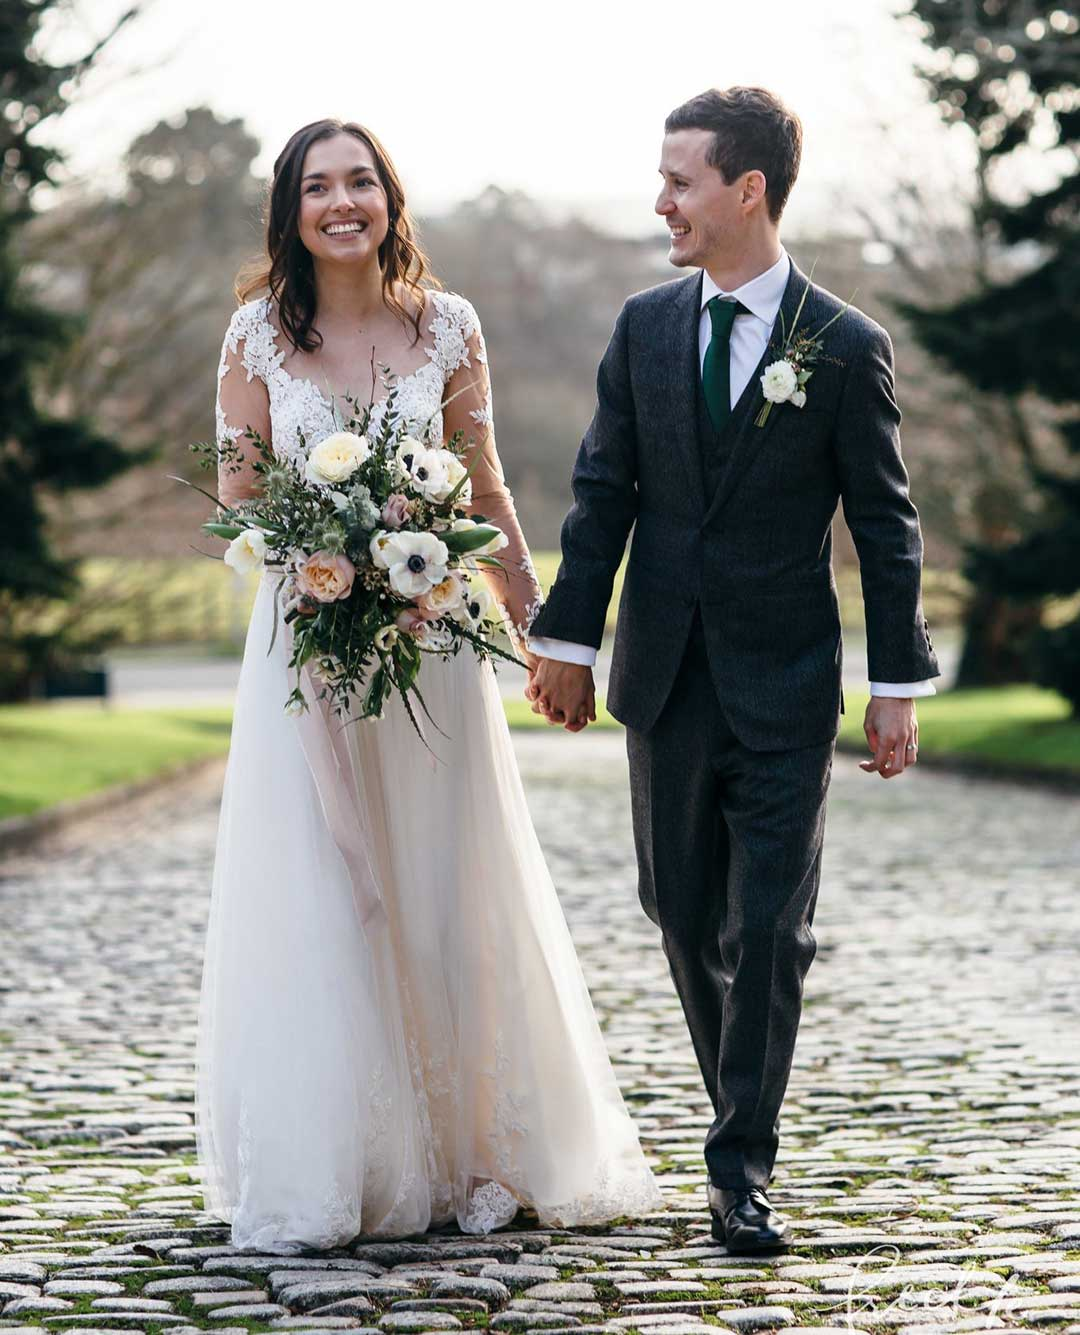 Newly married couple walking in garden